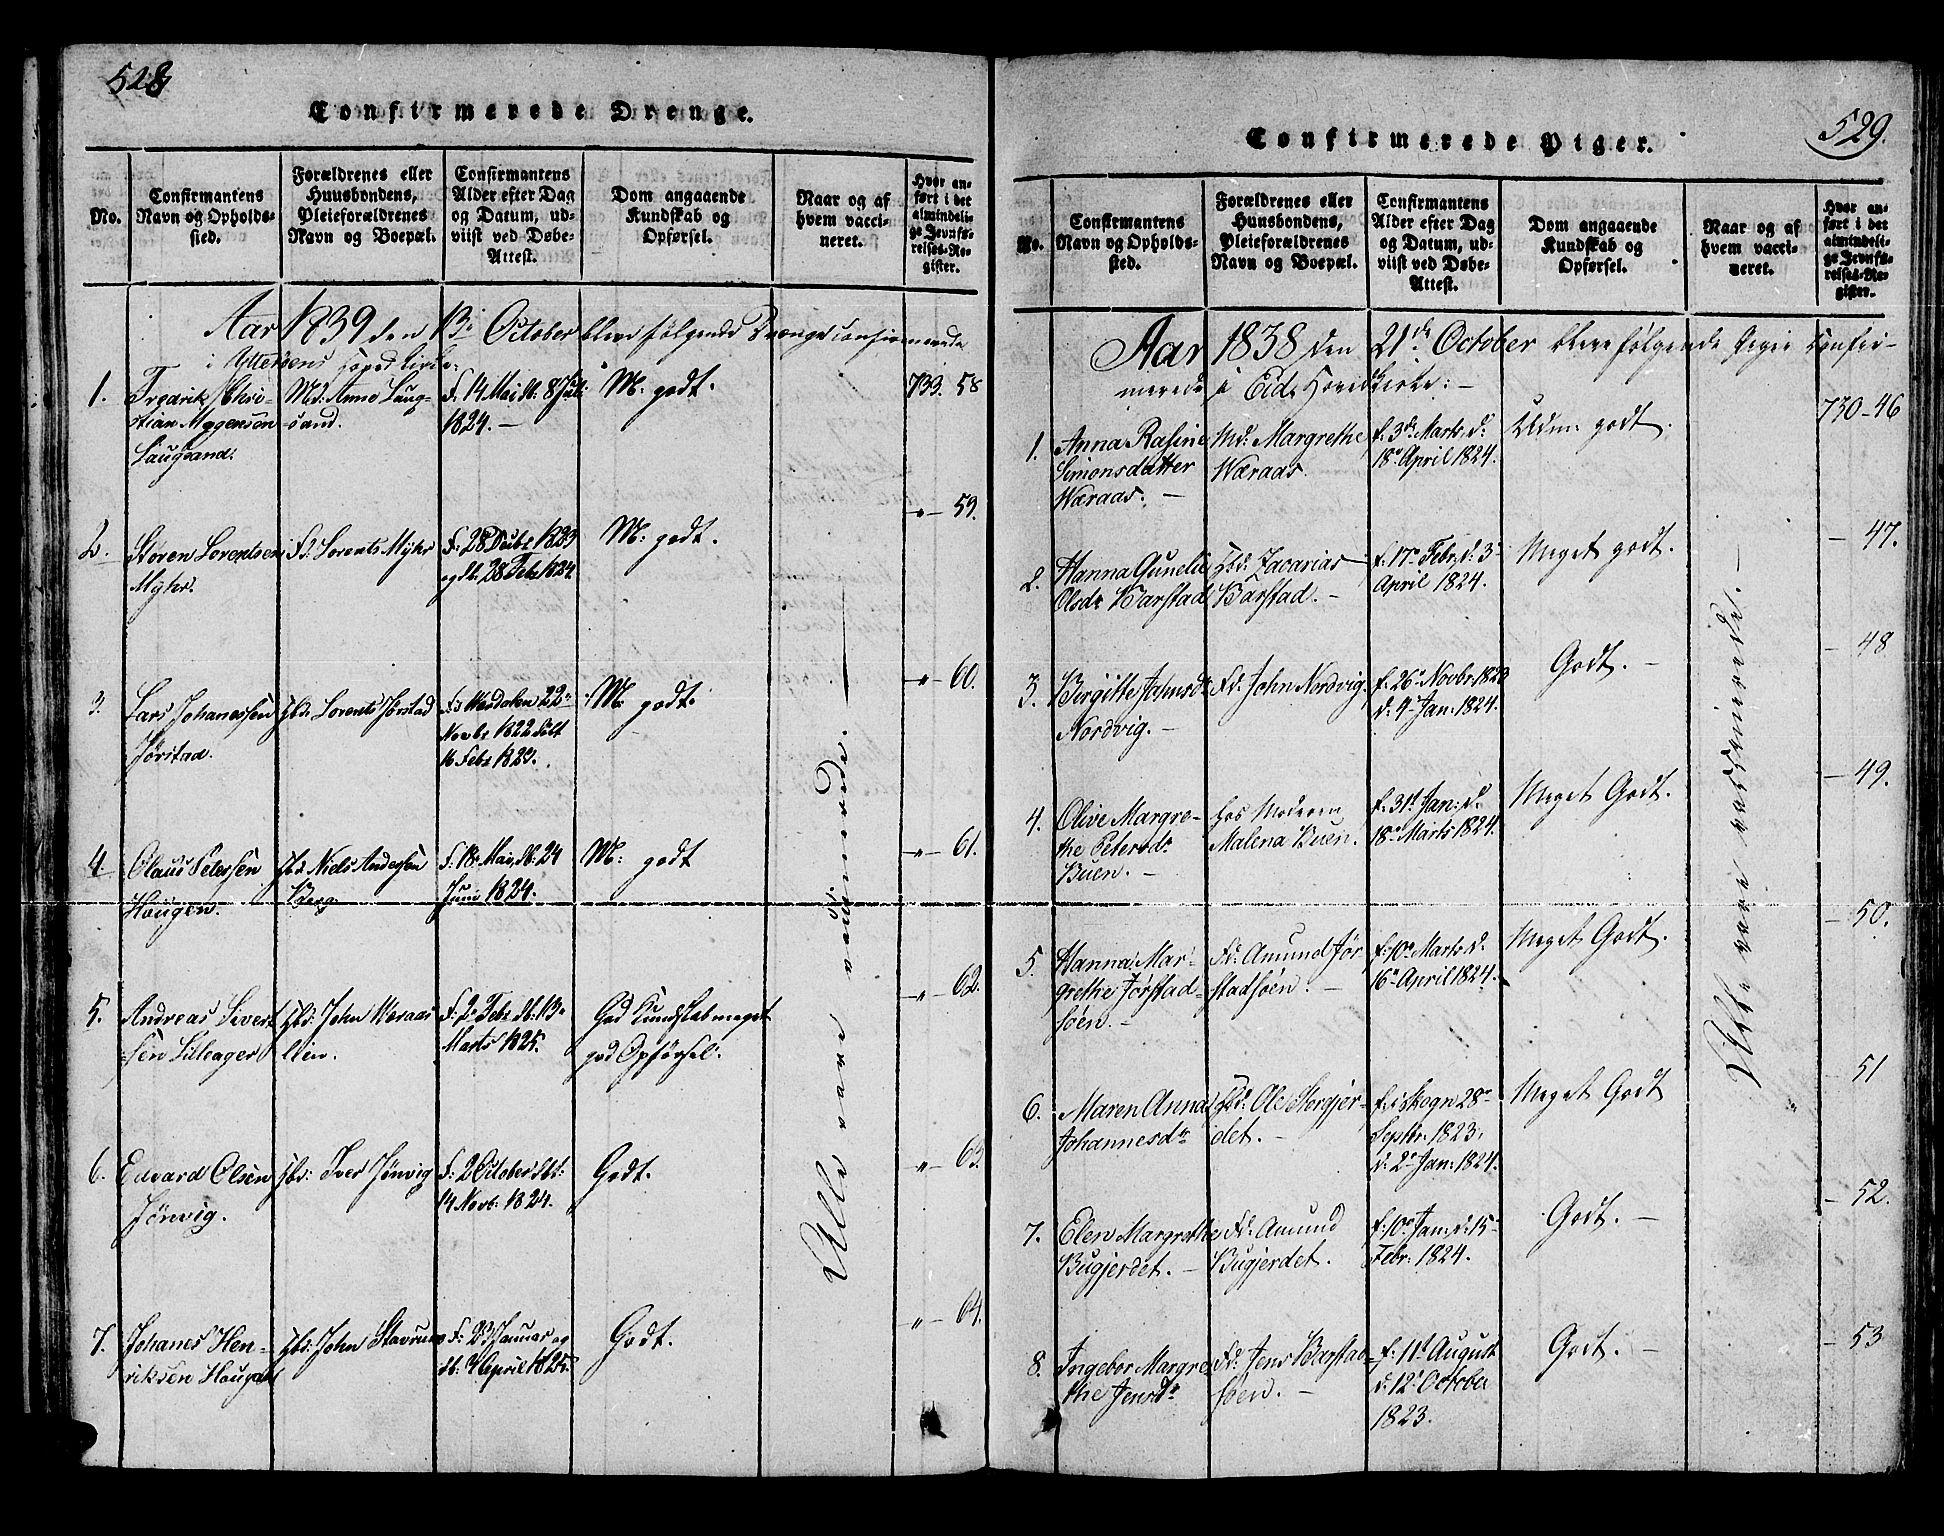 SAT, Ministerialprotokoller, klokkerbøker og fødselsregistre - Nord-Trøndelag, 722/L0217: Ministerialbok nr. 722A04, 1817-1842, s. 528-529